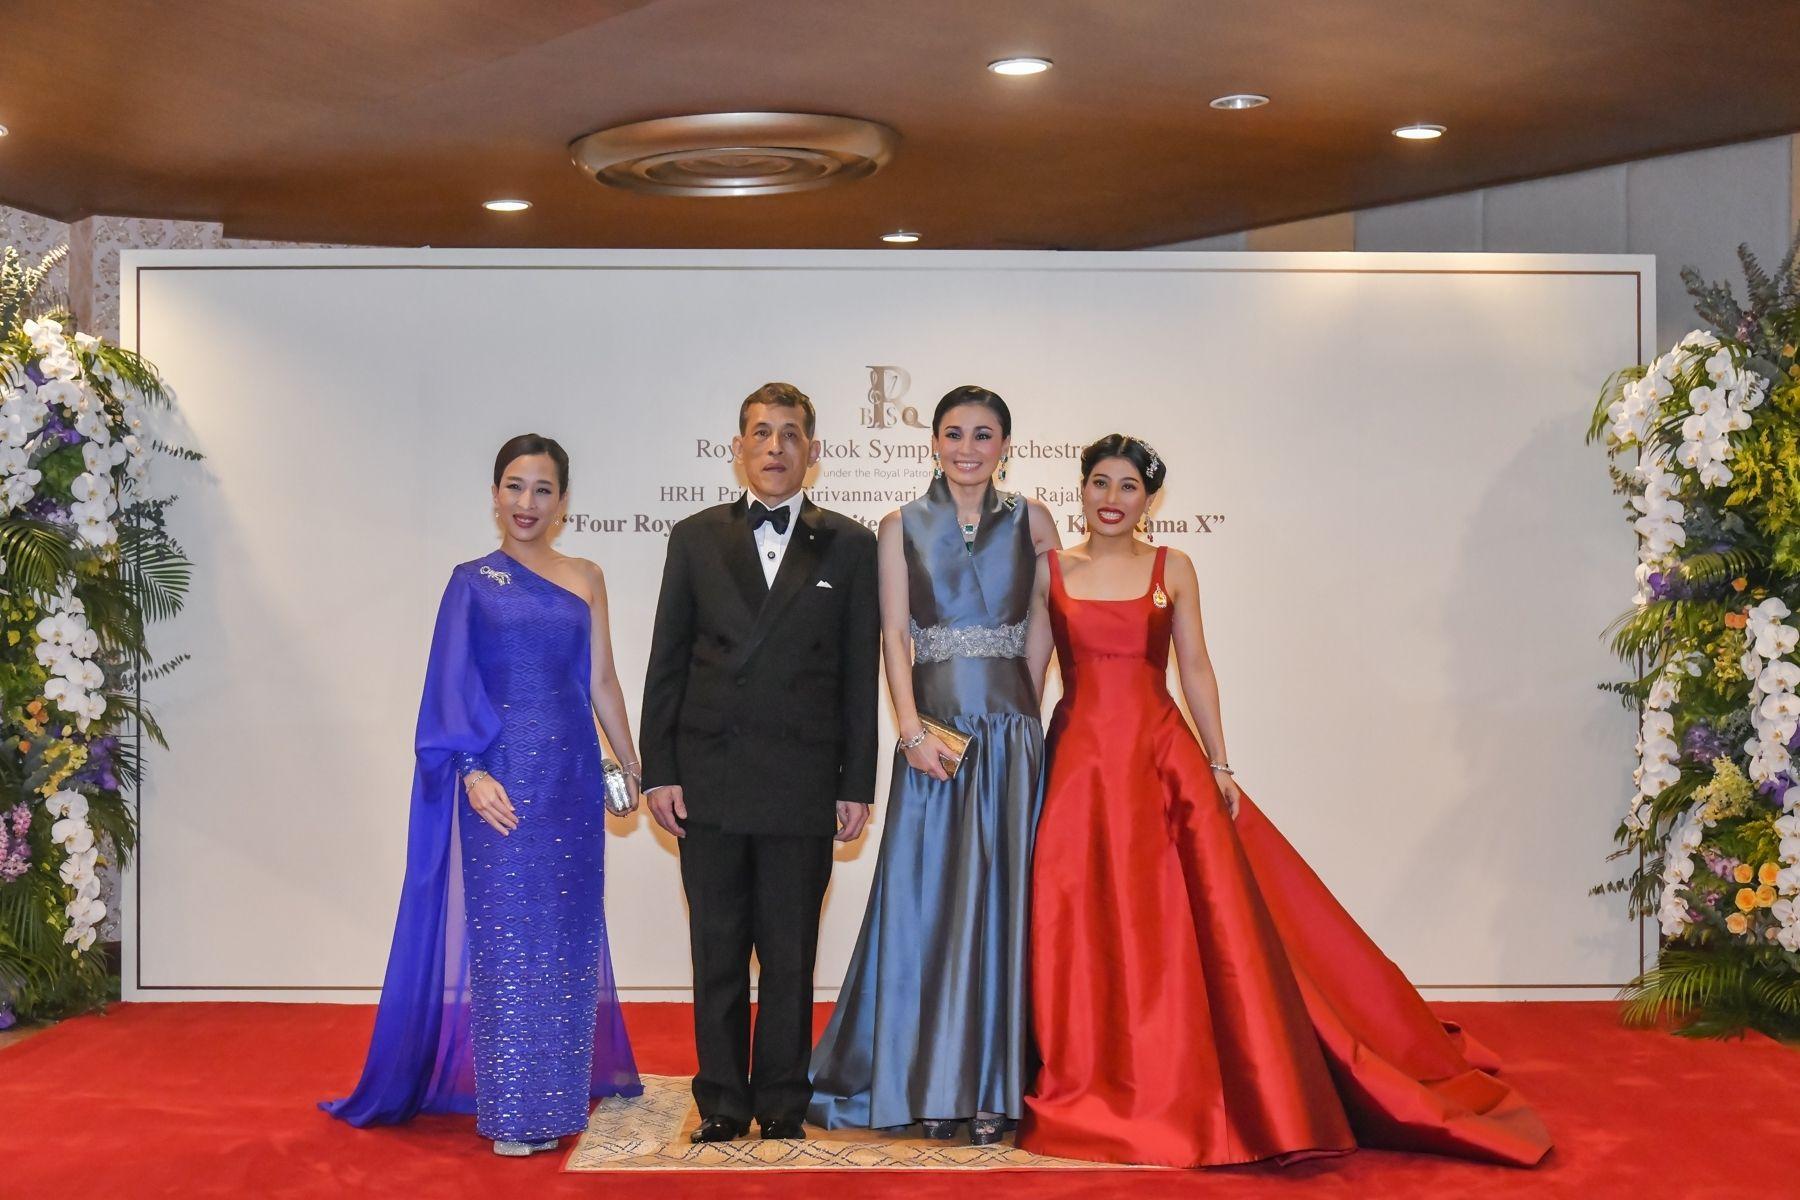 Their Majesties the King and Queen with HRH Princess Bajrakitiyabha and HRH Princess Sirivannavari Nariratana